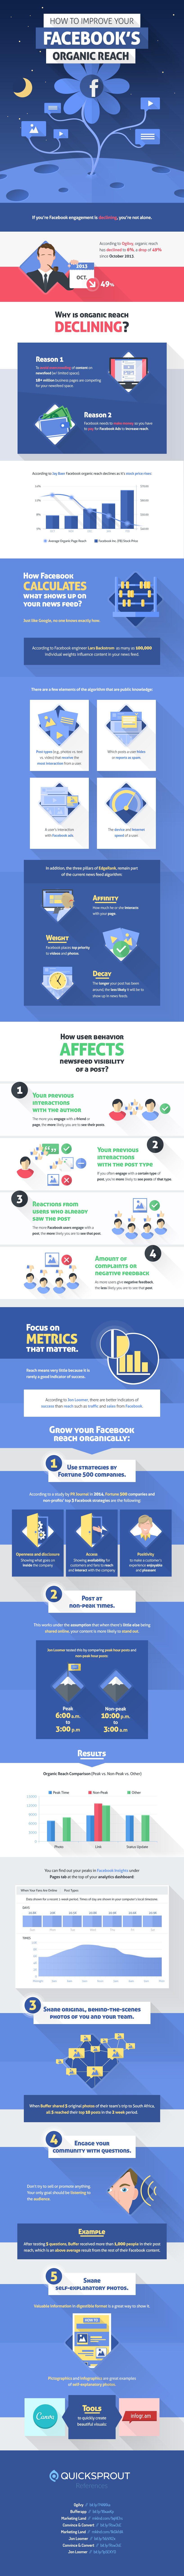 améliorer reach facebook